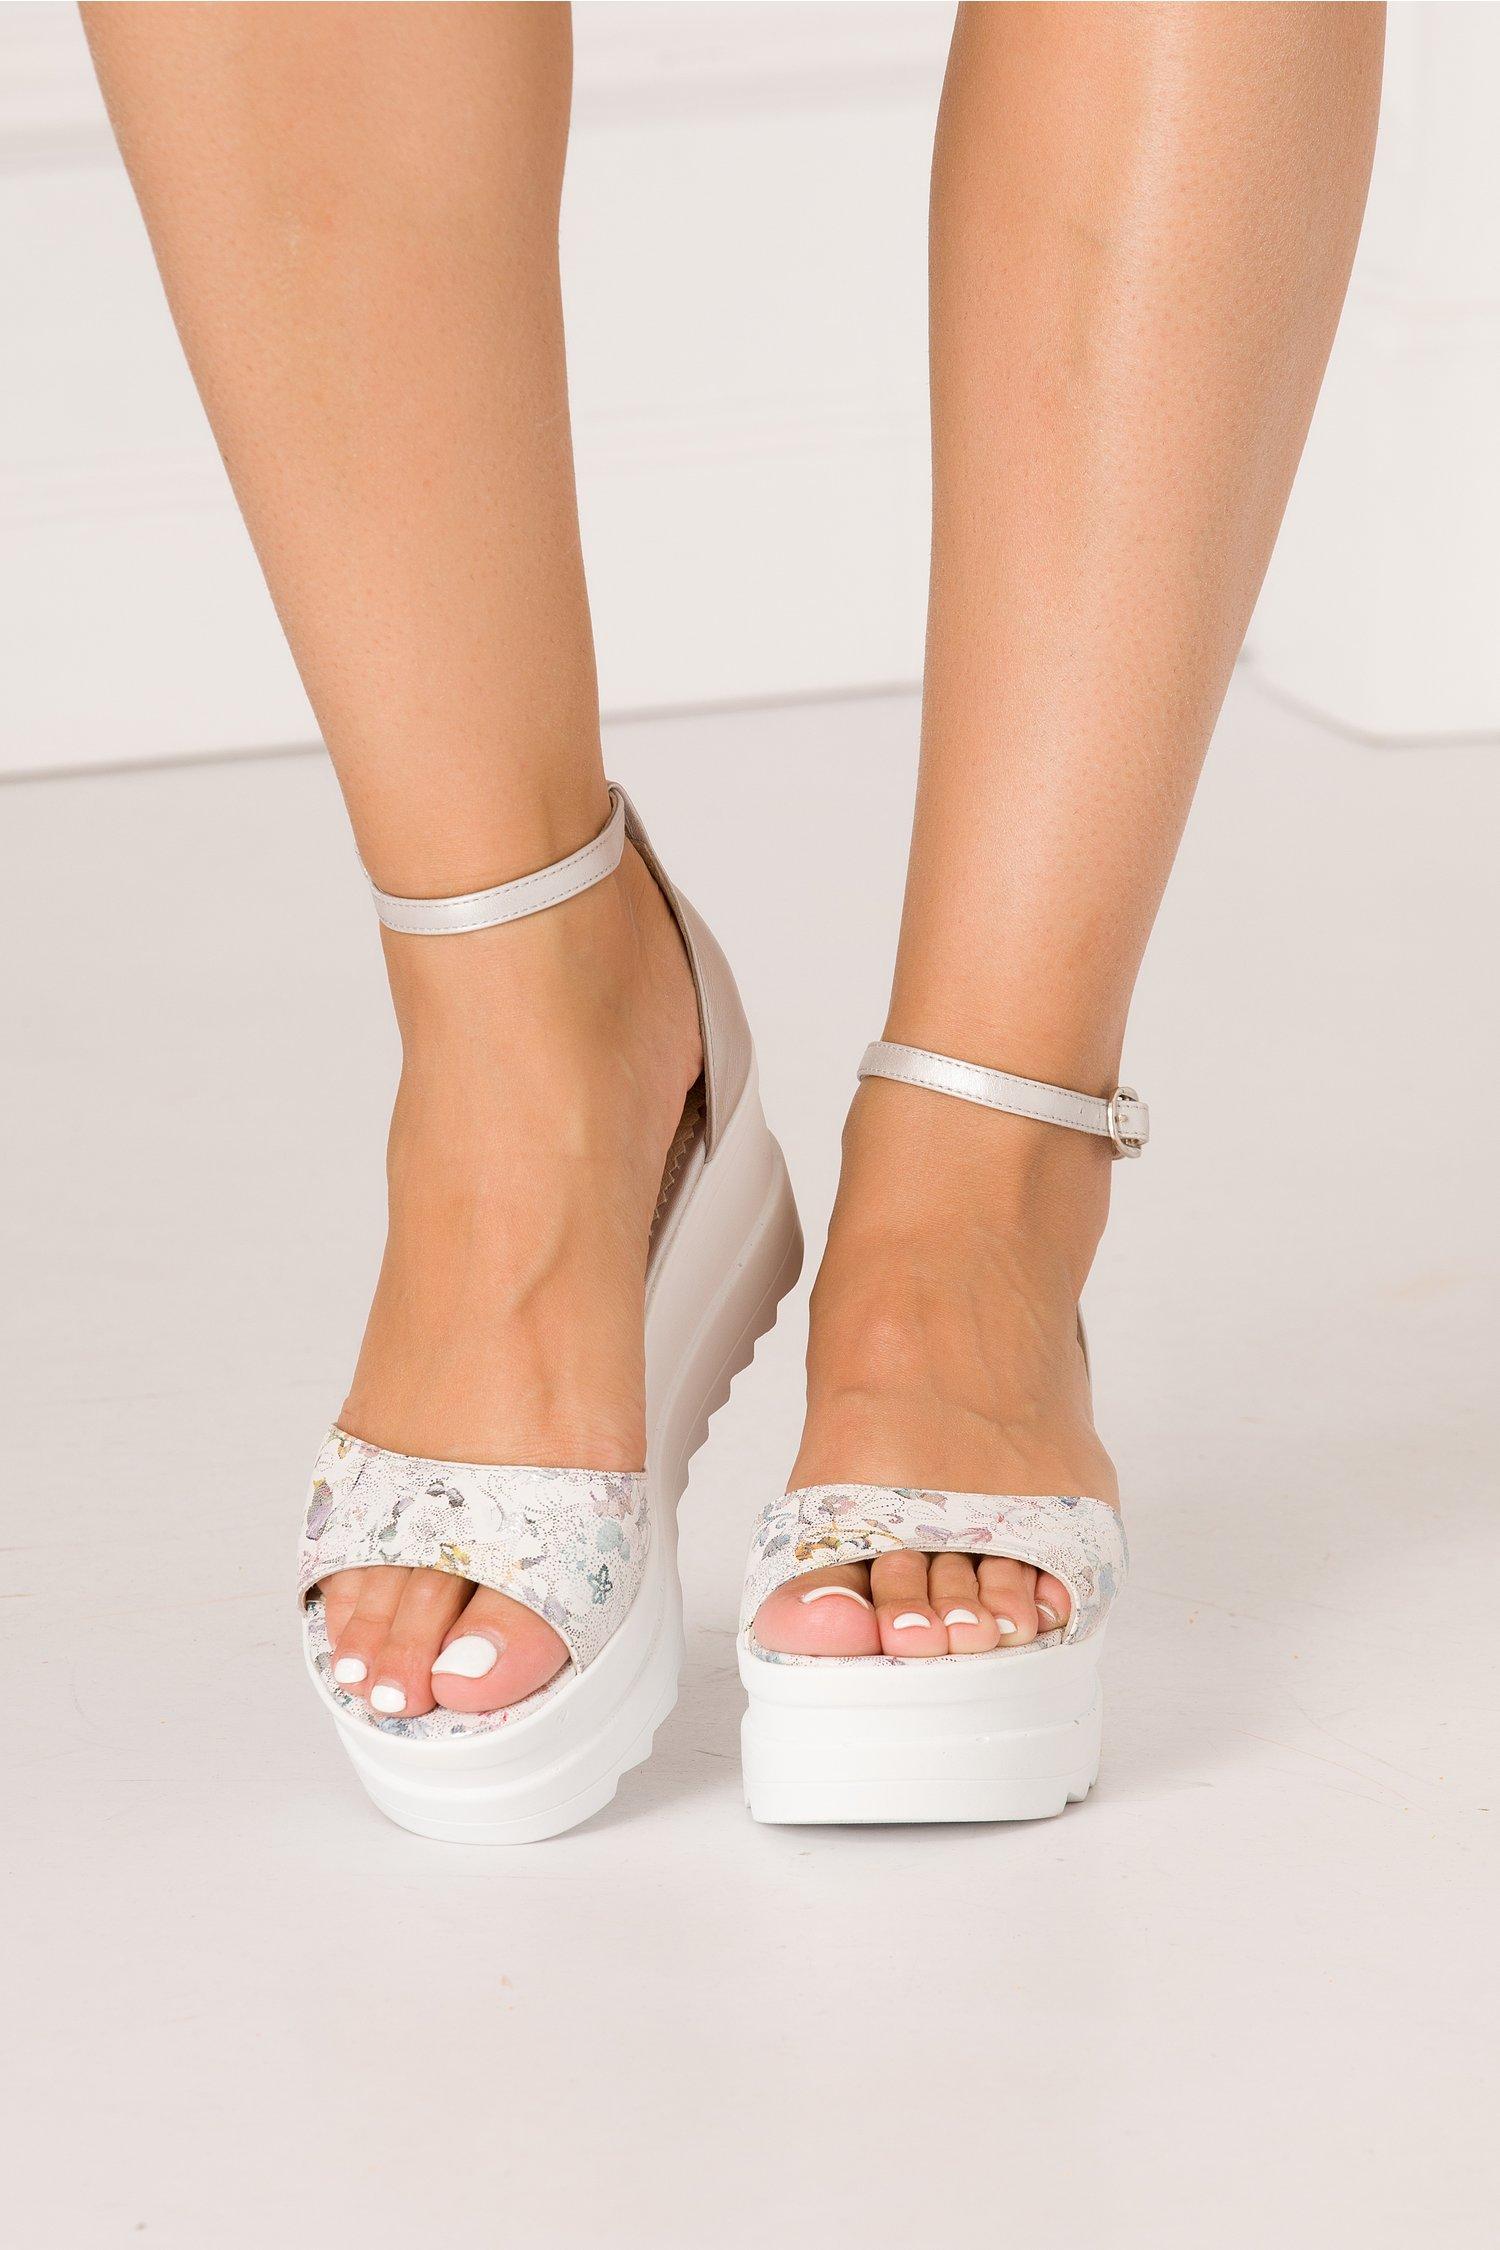 Sandale argintii cu imprimeu floral cu reflexii metalice